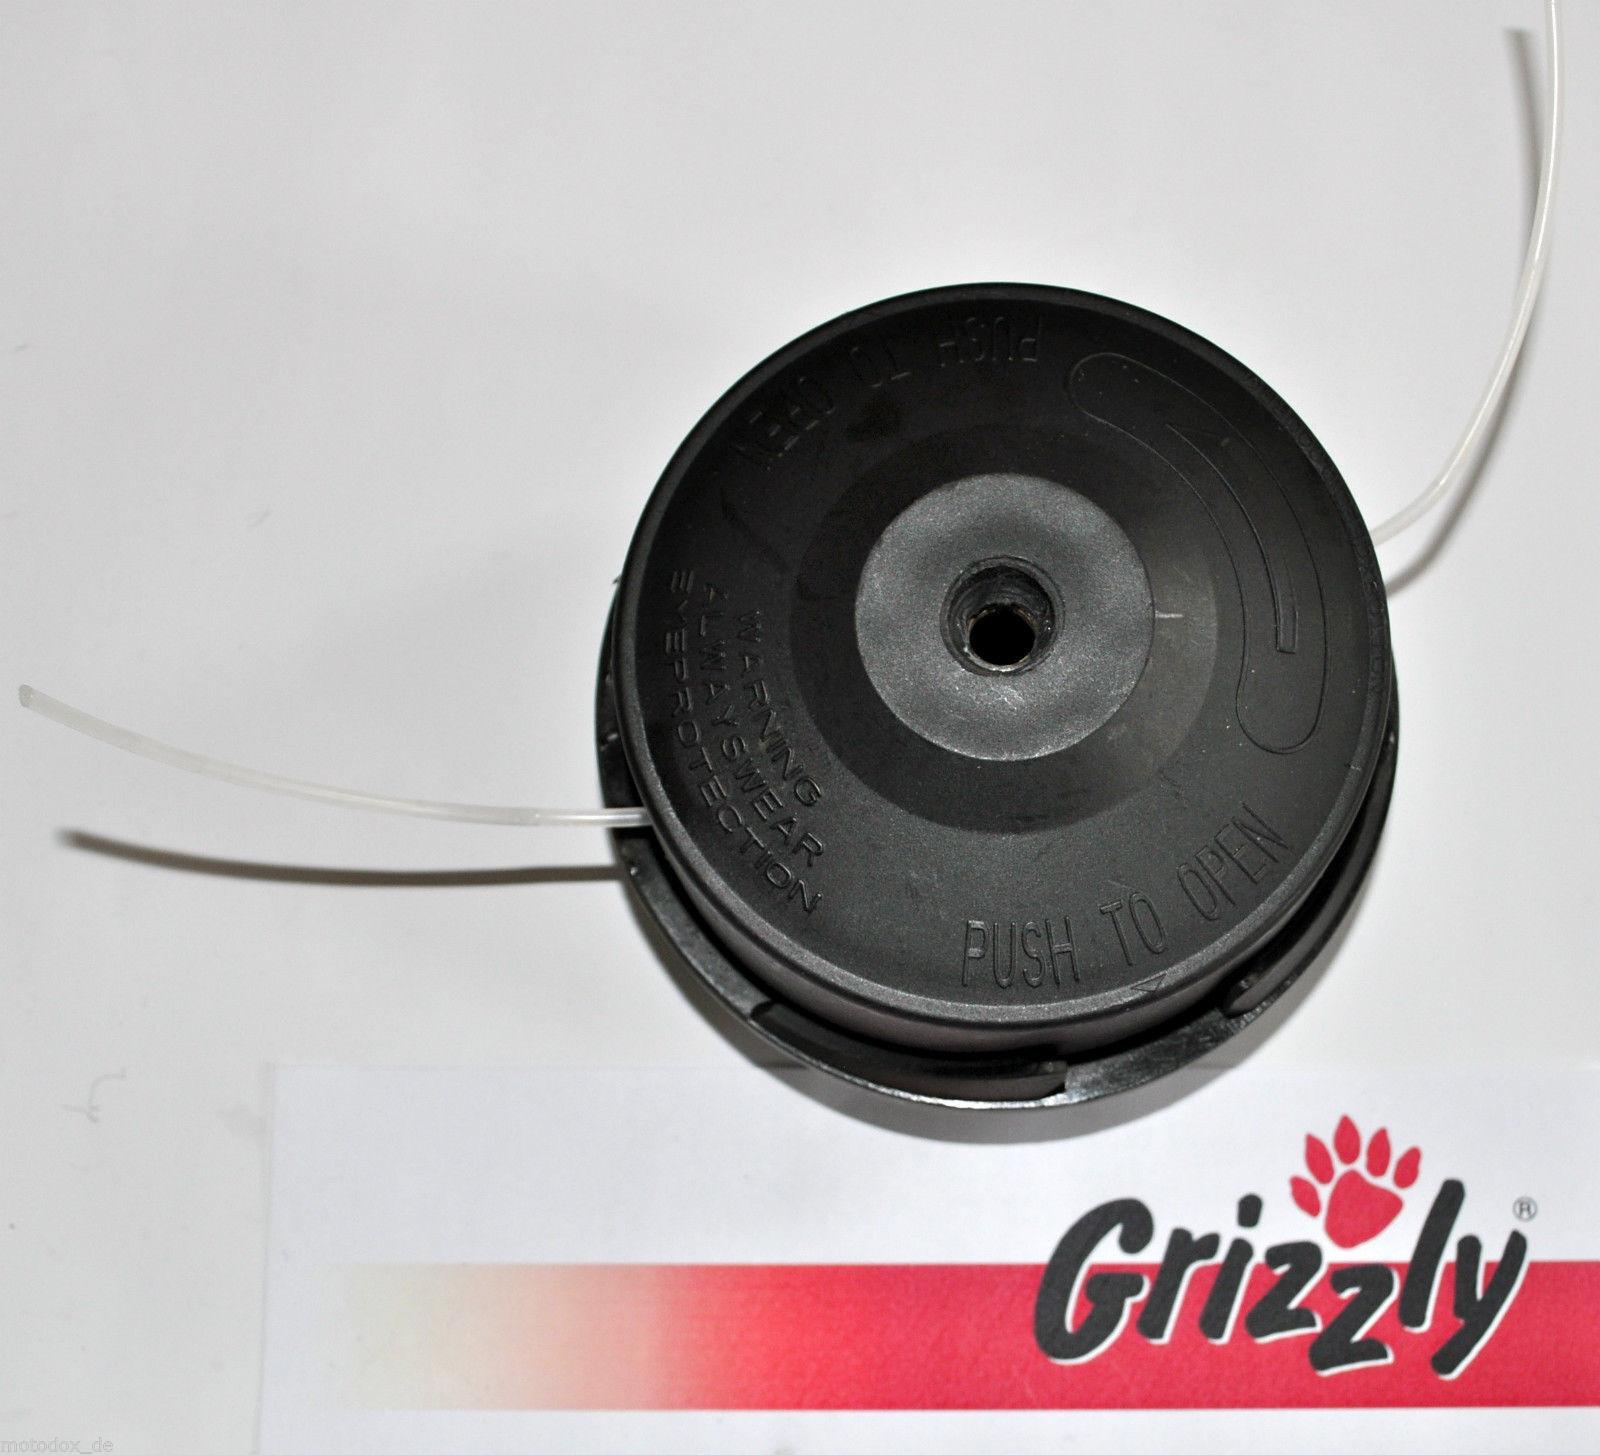 Pwsa 18 a1 batteria smerigliatrice angolare parkside lidl for Smerigliatrice a batteria parkside